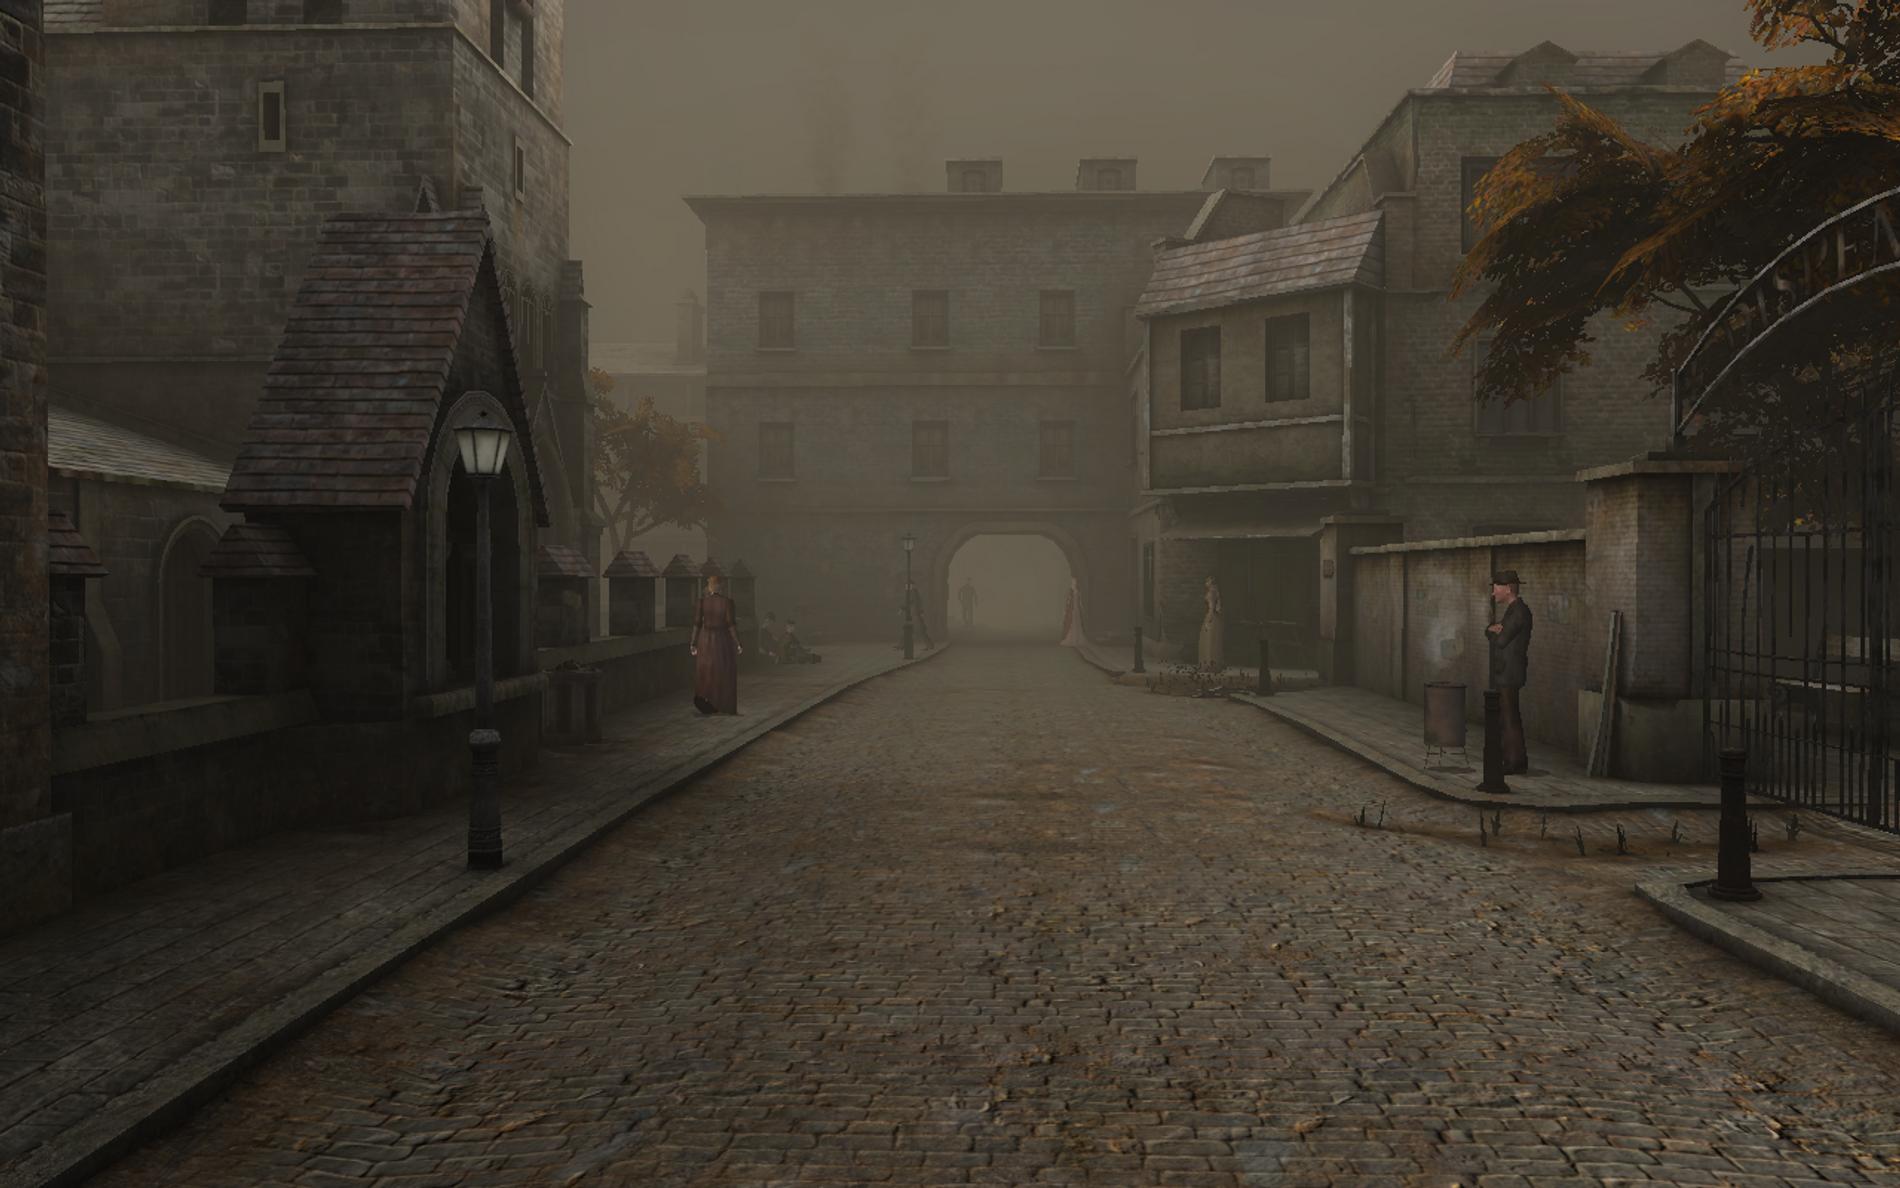 """Image extraite du jeu """"Sherlock Holmes contre Jack l'Éventreur"""". Nous sommes ici dans une rue de ..."""